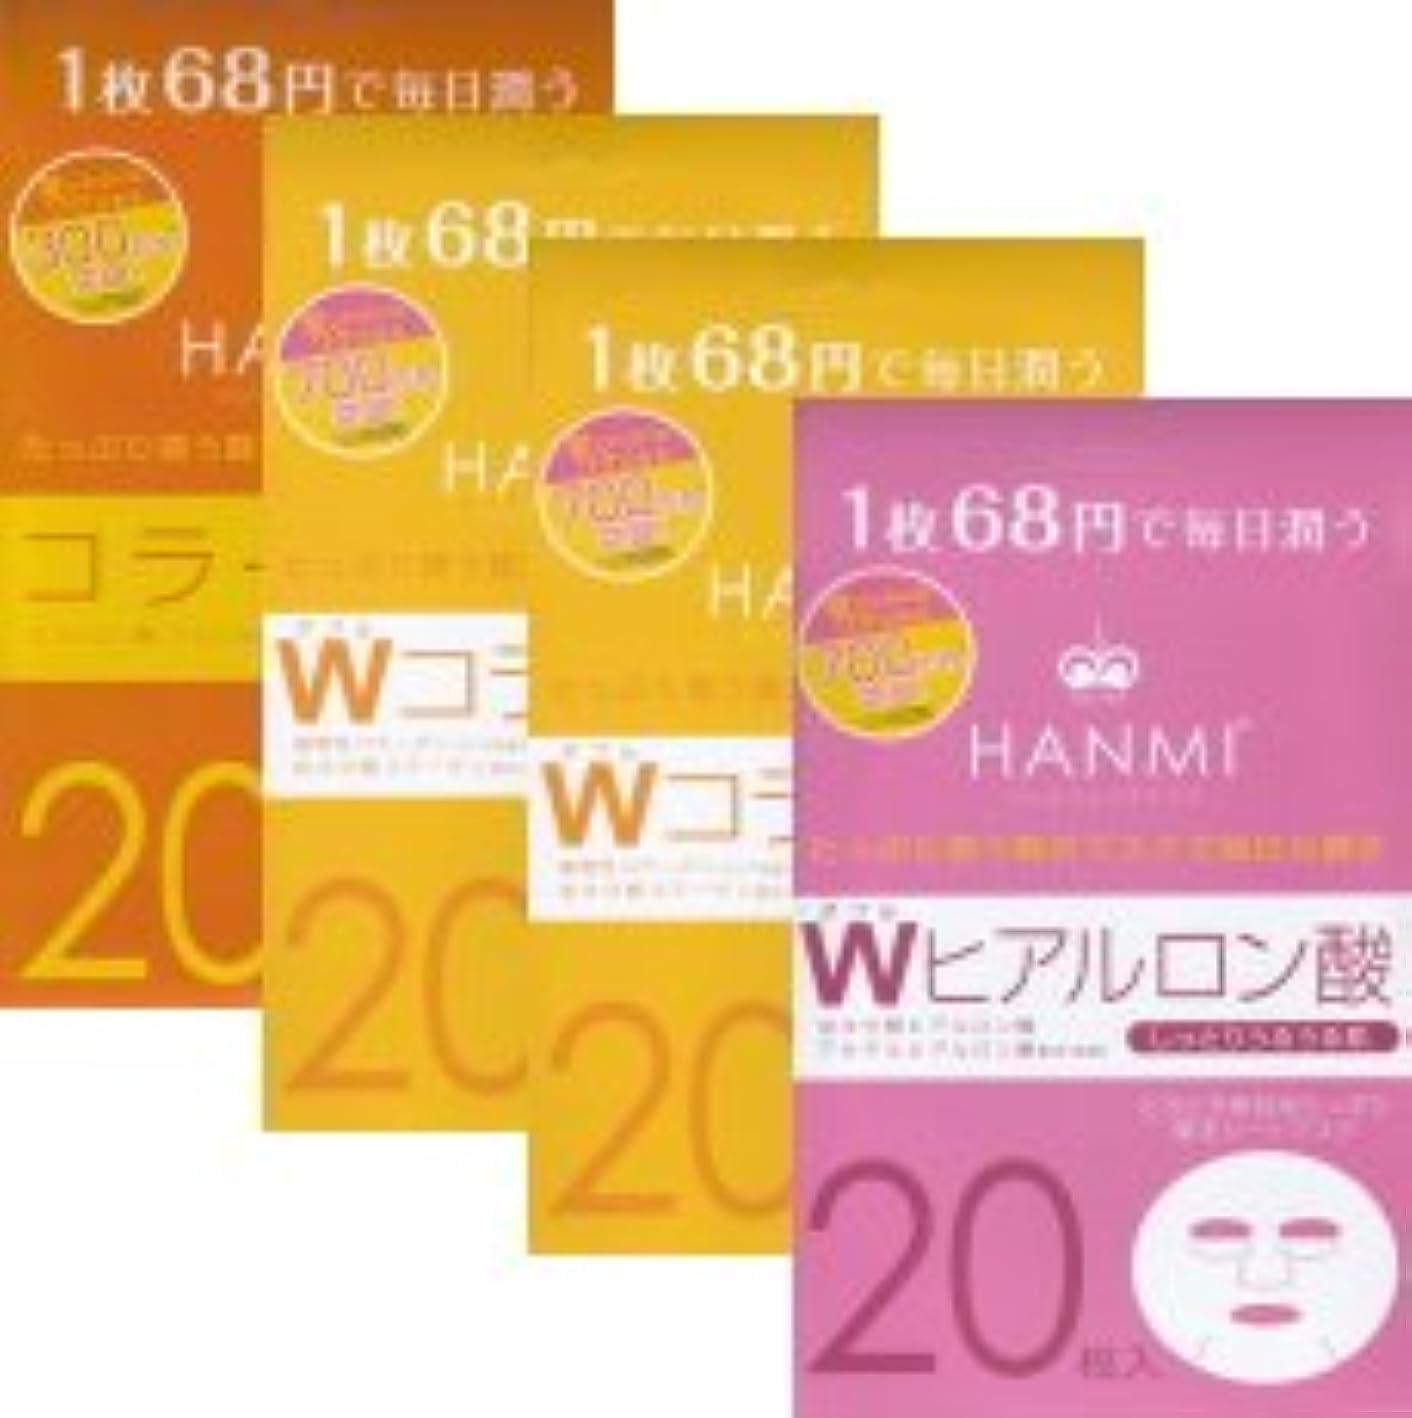 軽減する廊下イライラするMIGAKI ハンミフェイスマスク(20枚入り)「コラーゲン×1個」「Wコラーゲン×2個」「Wヒアルロン酸×1個」の4個セット